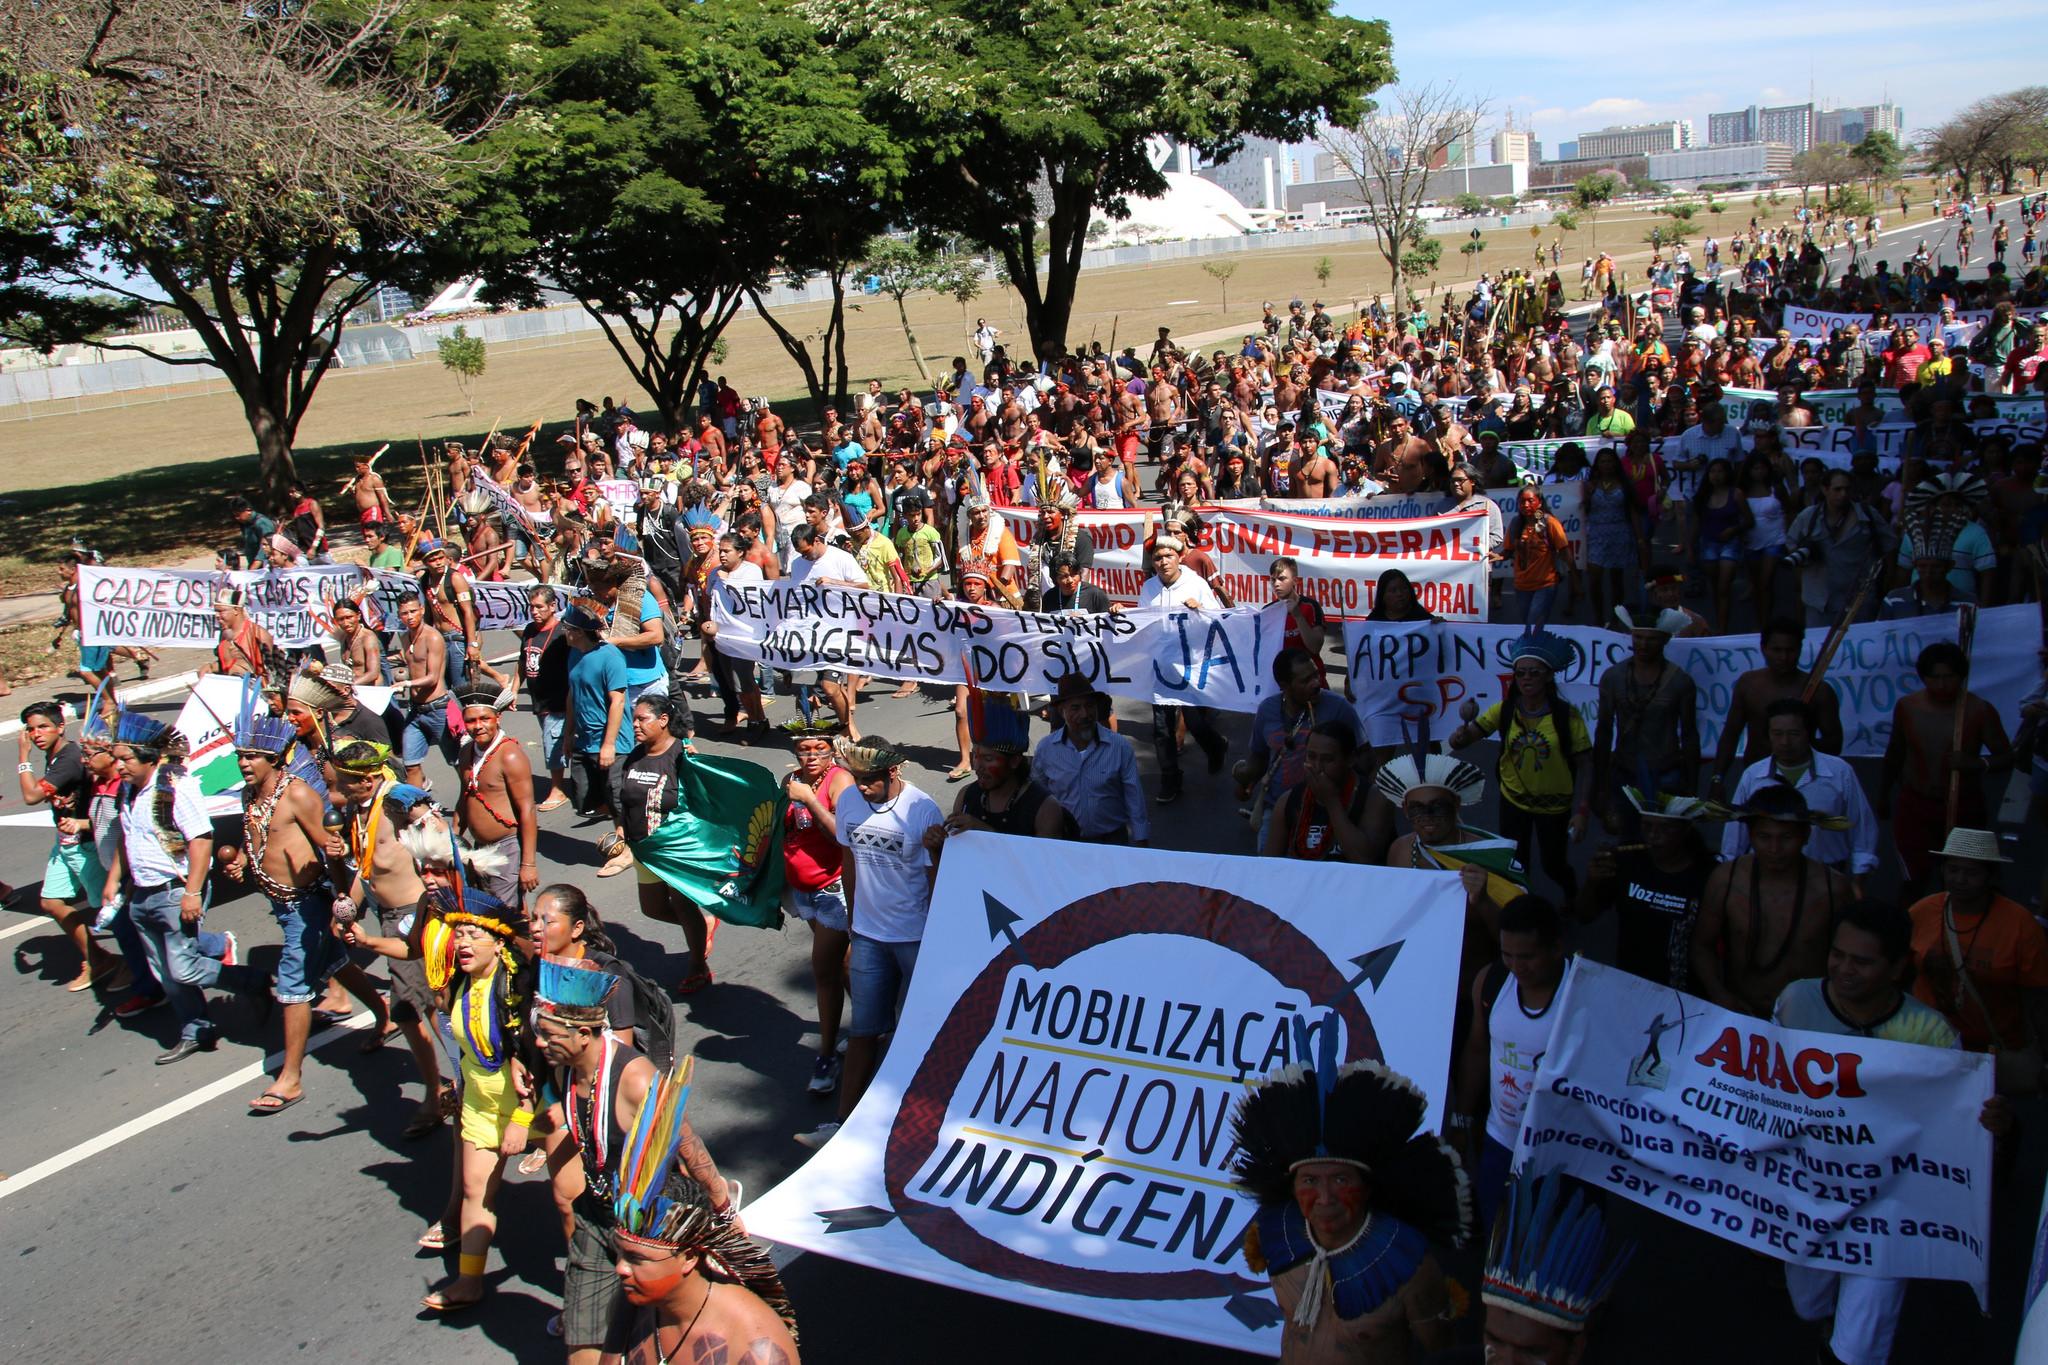 Agenda cultural: em abril tem Acampamento Terra Livre pela garantia de direitos